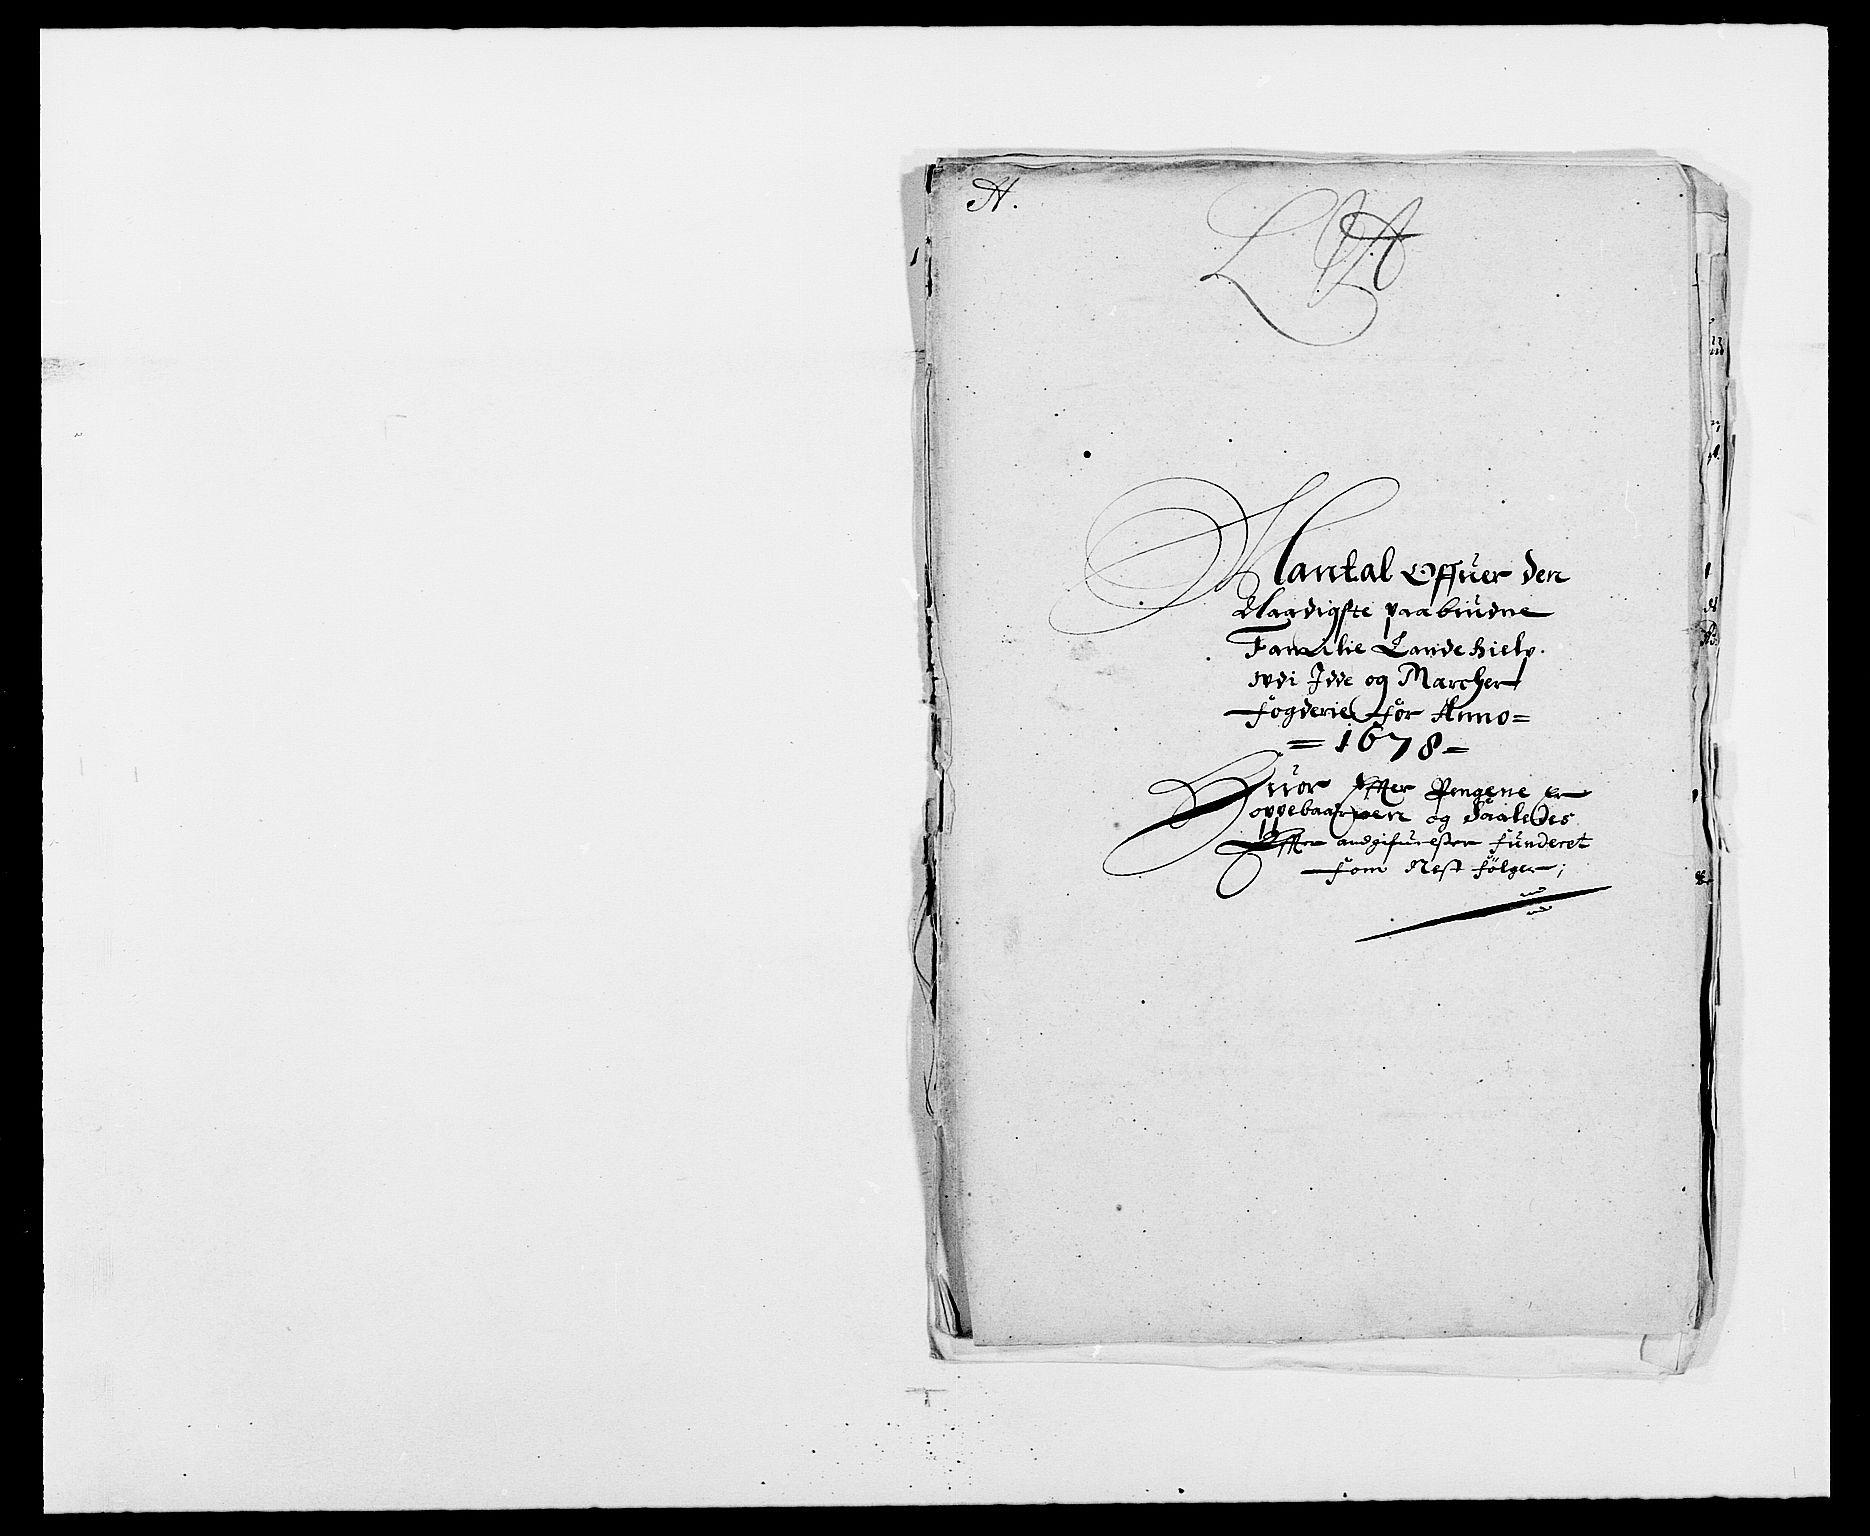 RA, Rentekammeret inntil 1814, Reviderte regnskaper, Fogderegnskap, R01/L0001: Fogderegnskap Idd og Marker, 1678-1679, s. 220